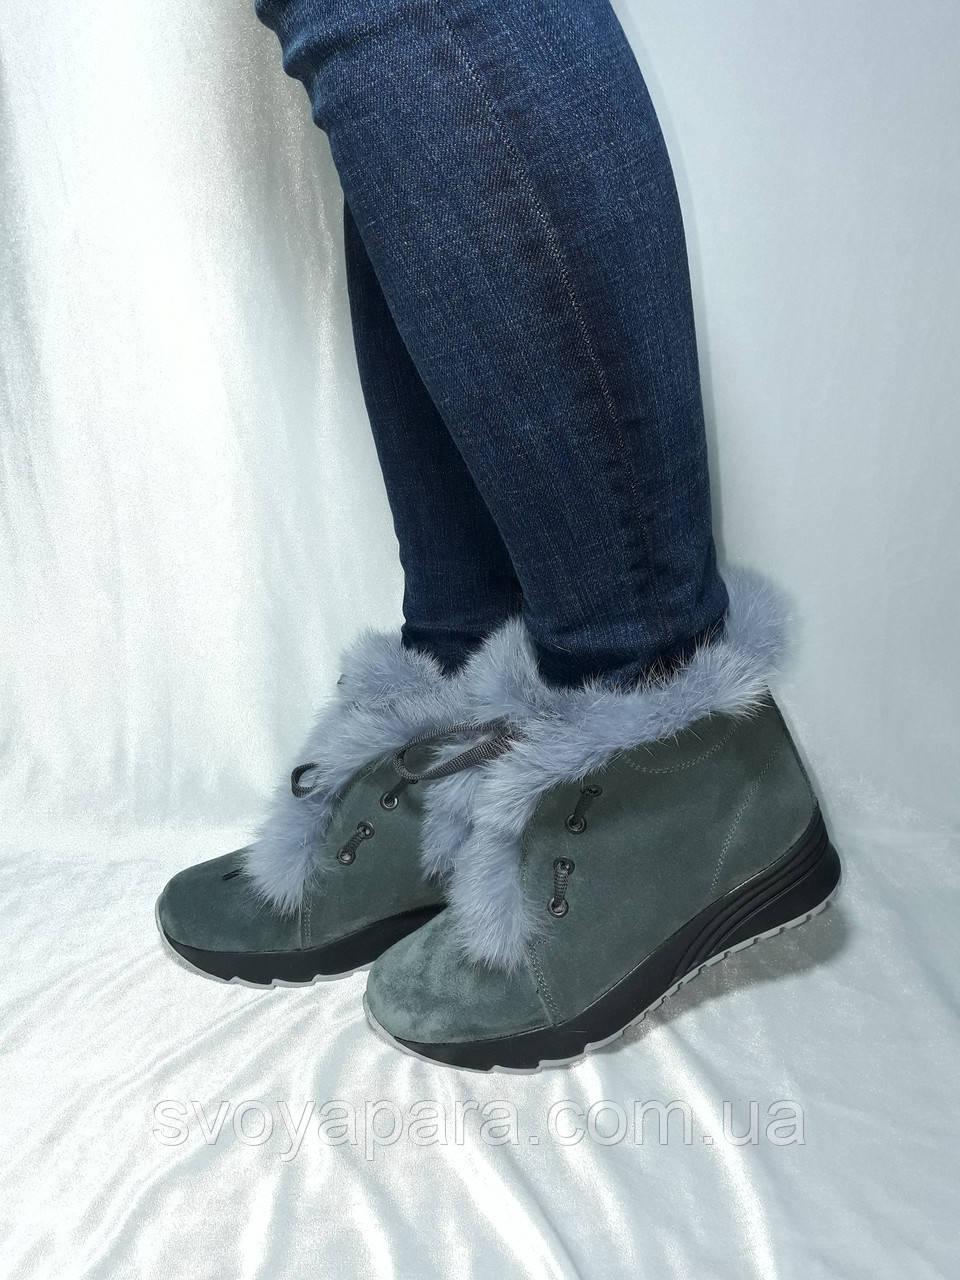 Женские зимние ботинки серые замшевые с опушкой (100177)